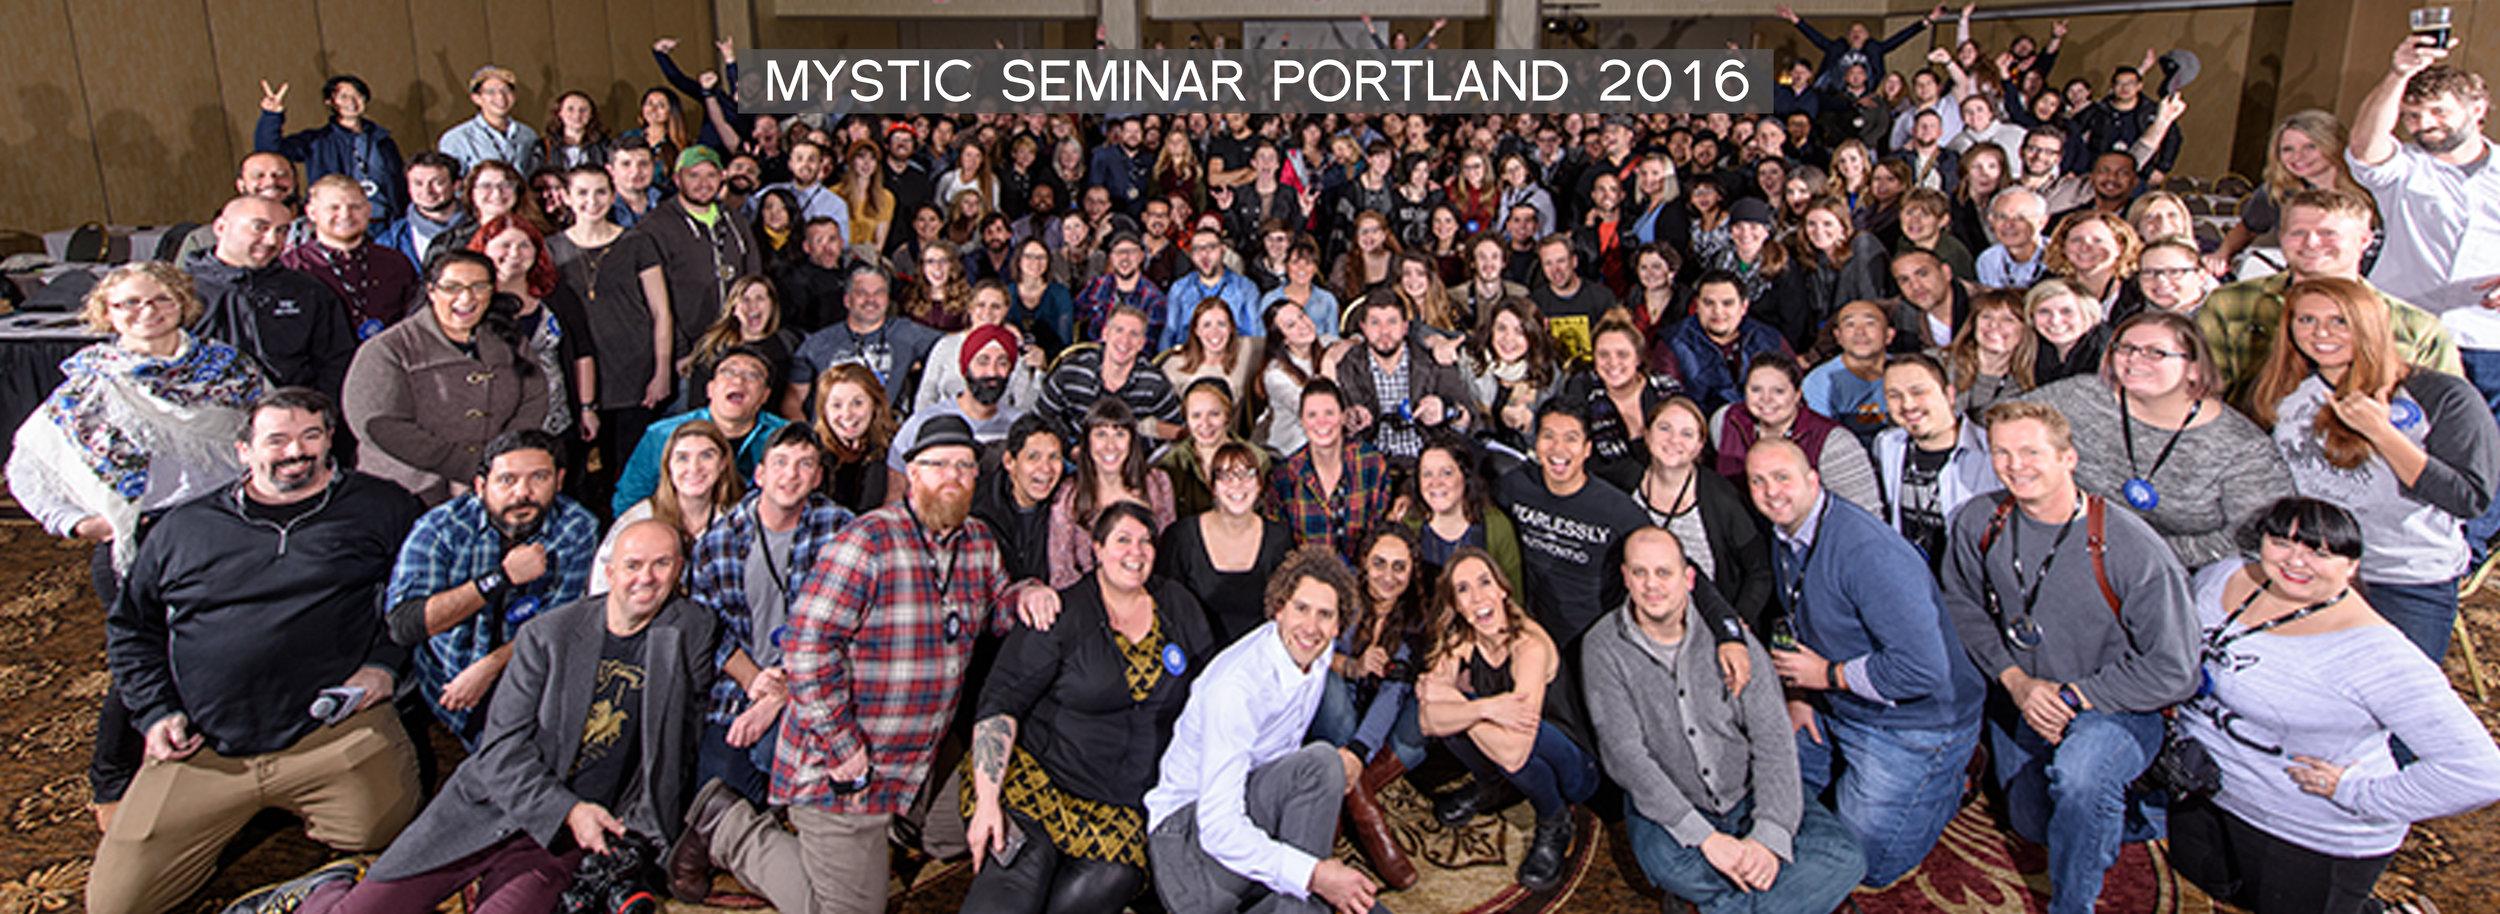 Portland 2016.jpg